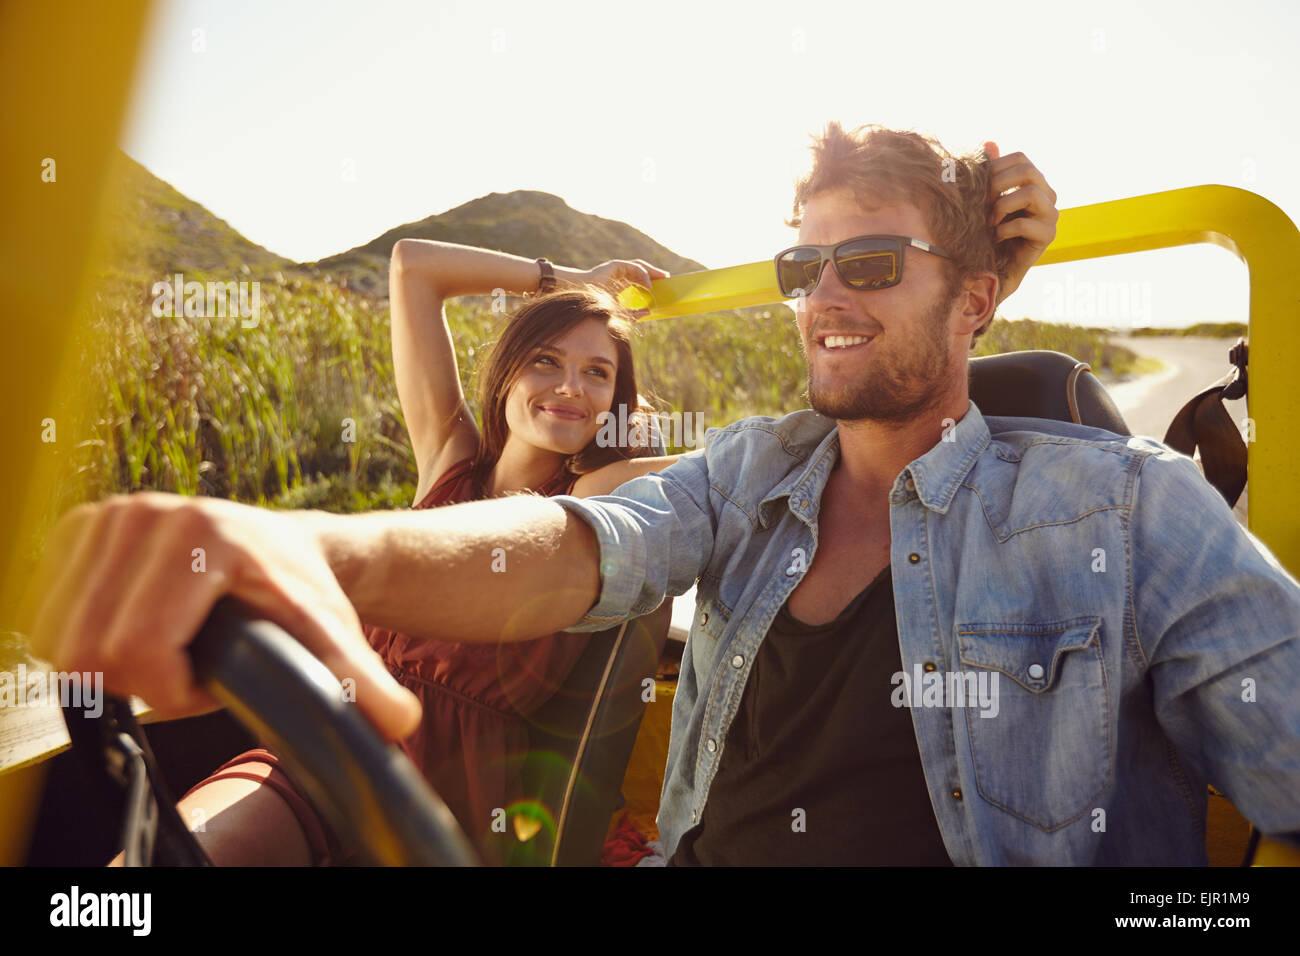 Donna che guarda uomo alla guida di auto in un giorno di estate. Amare giovane coppia in viaggio. Immagini Stock